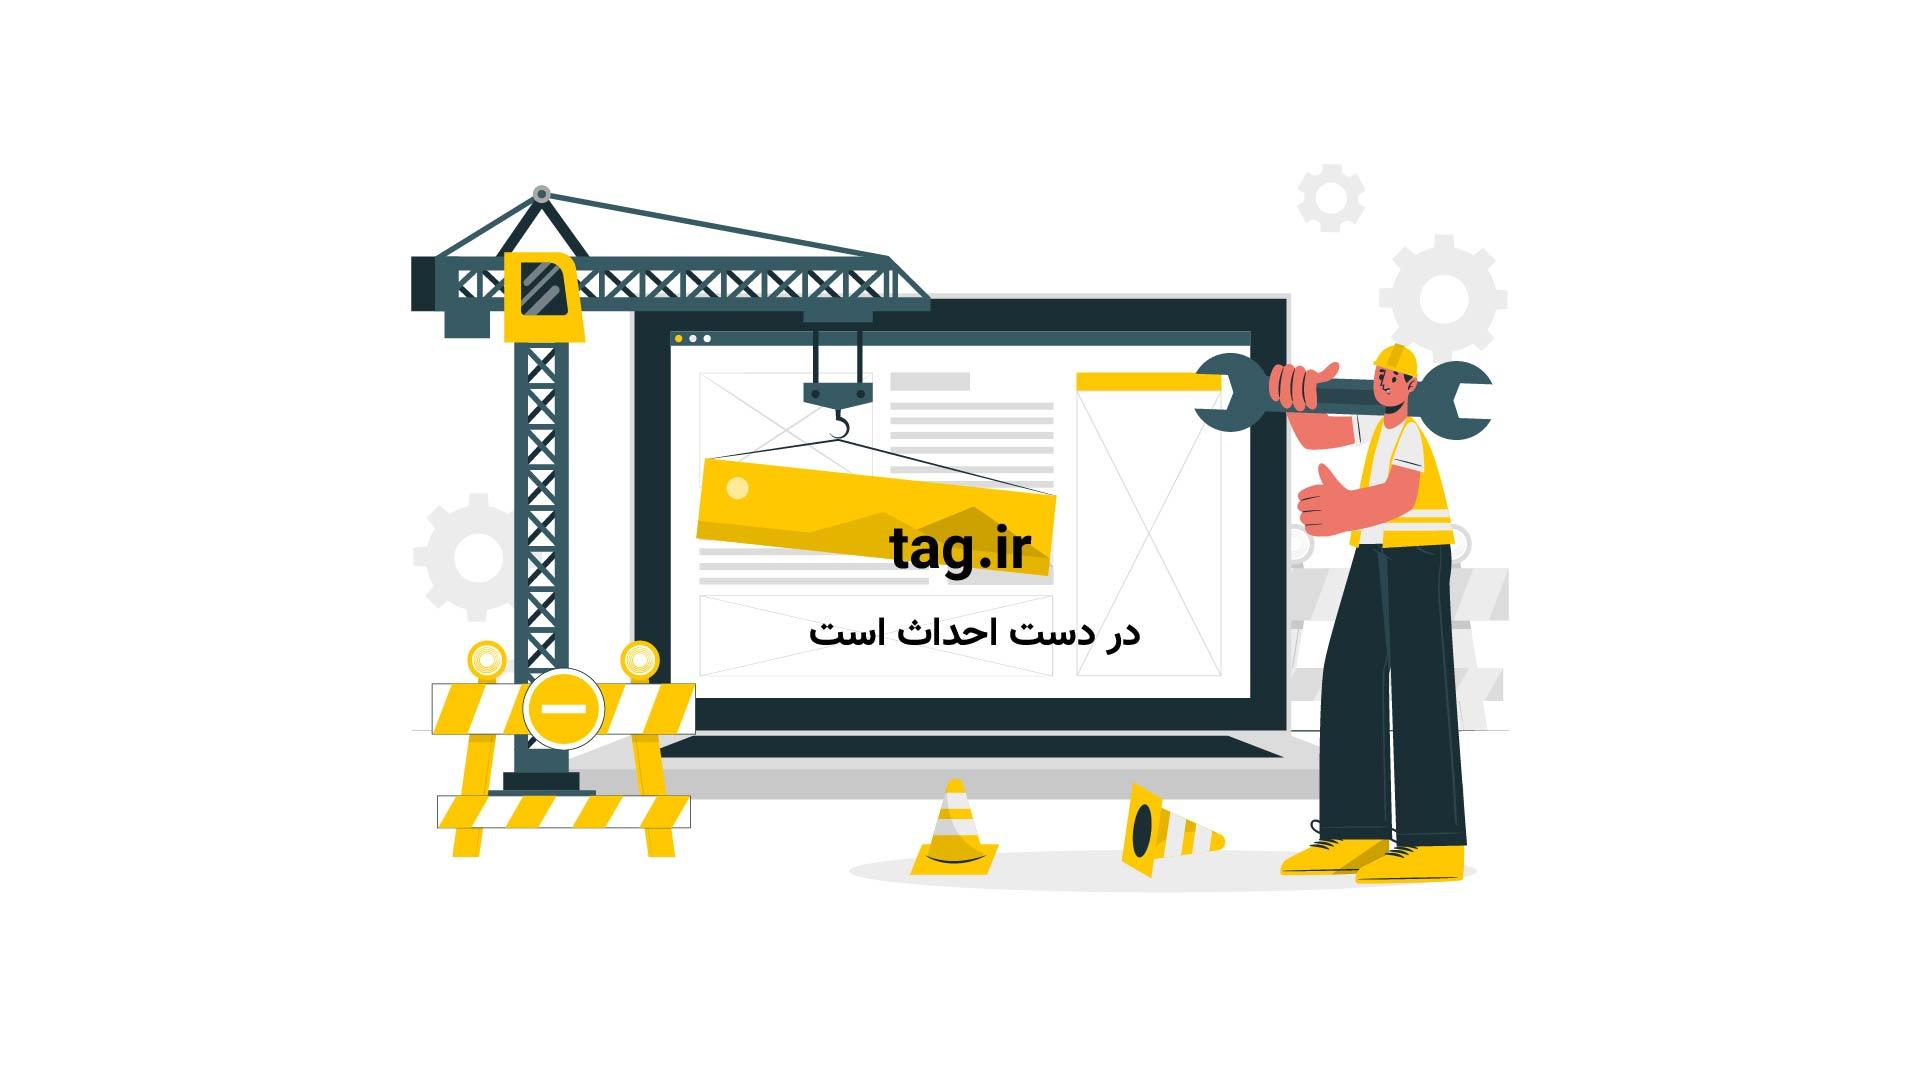 سخنرانی های تد؛ جهان مجموعه ای از داده های بزرگ است | فیلم